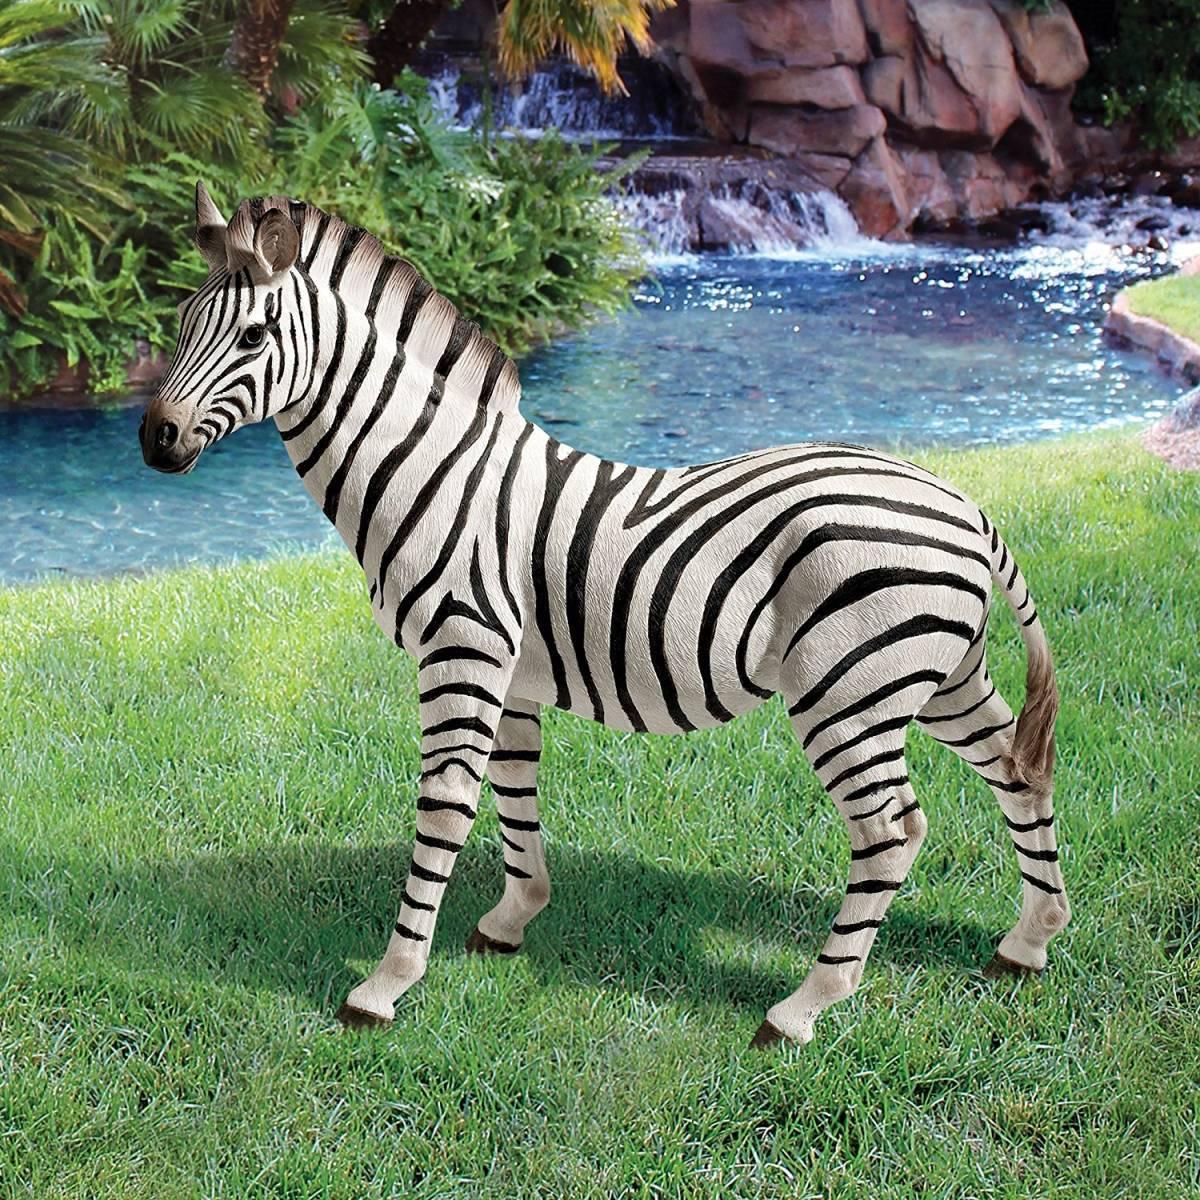 デザイン・トスカノ製 「ゾラ」 縞馬(シマウマ)像 彫刻 彫像/ Zora, the Zebra Statue(輸入品)